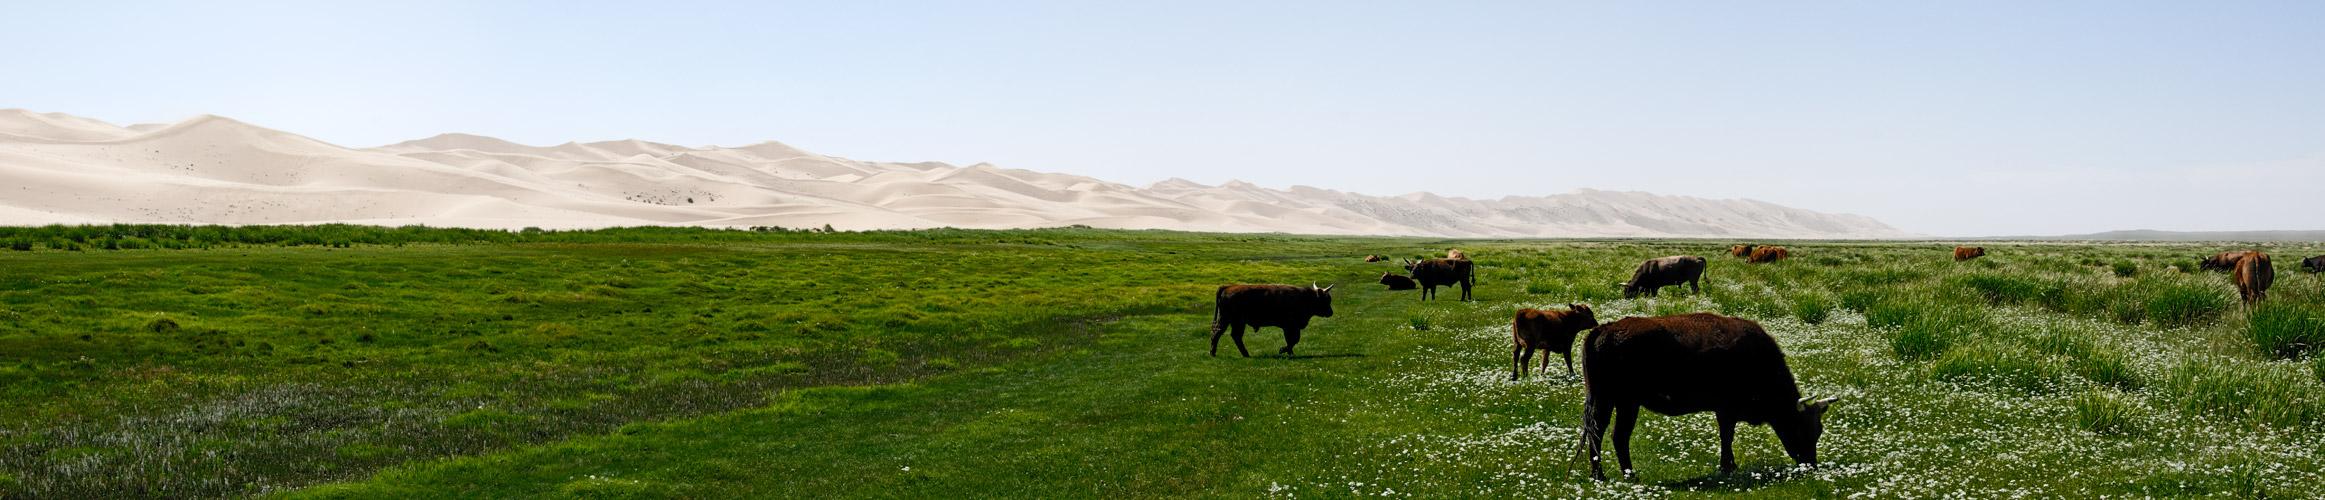 Mongolei-Khongoryn Els 4